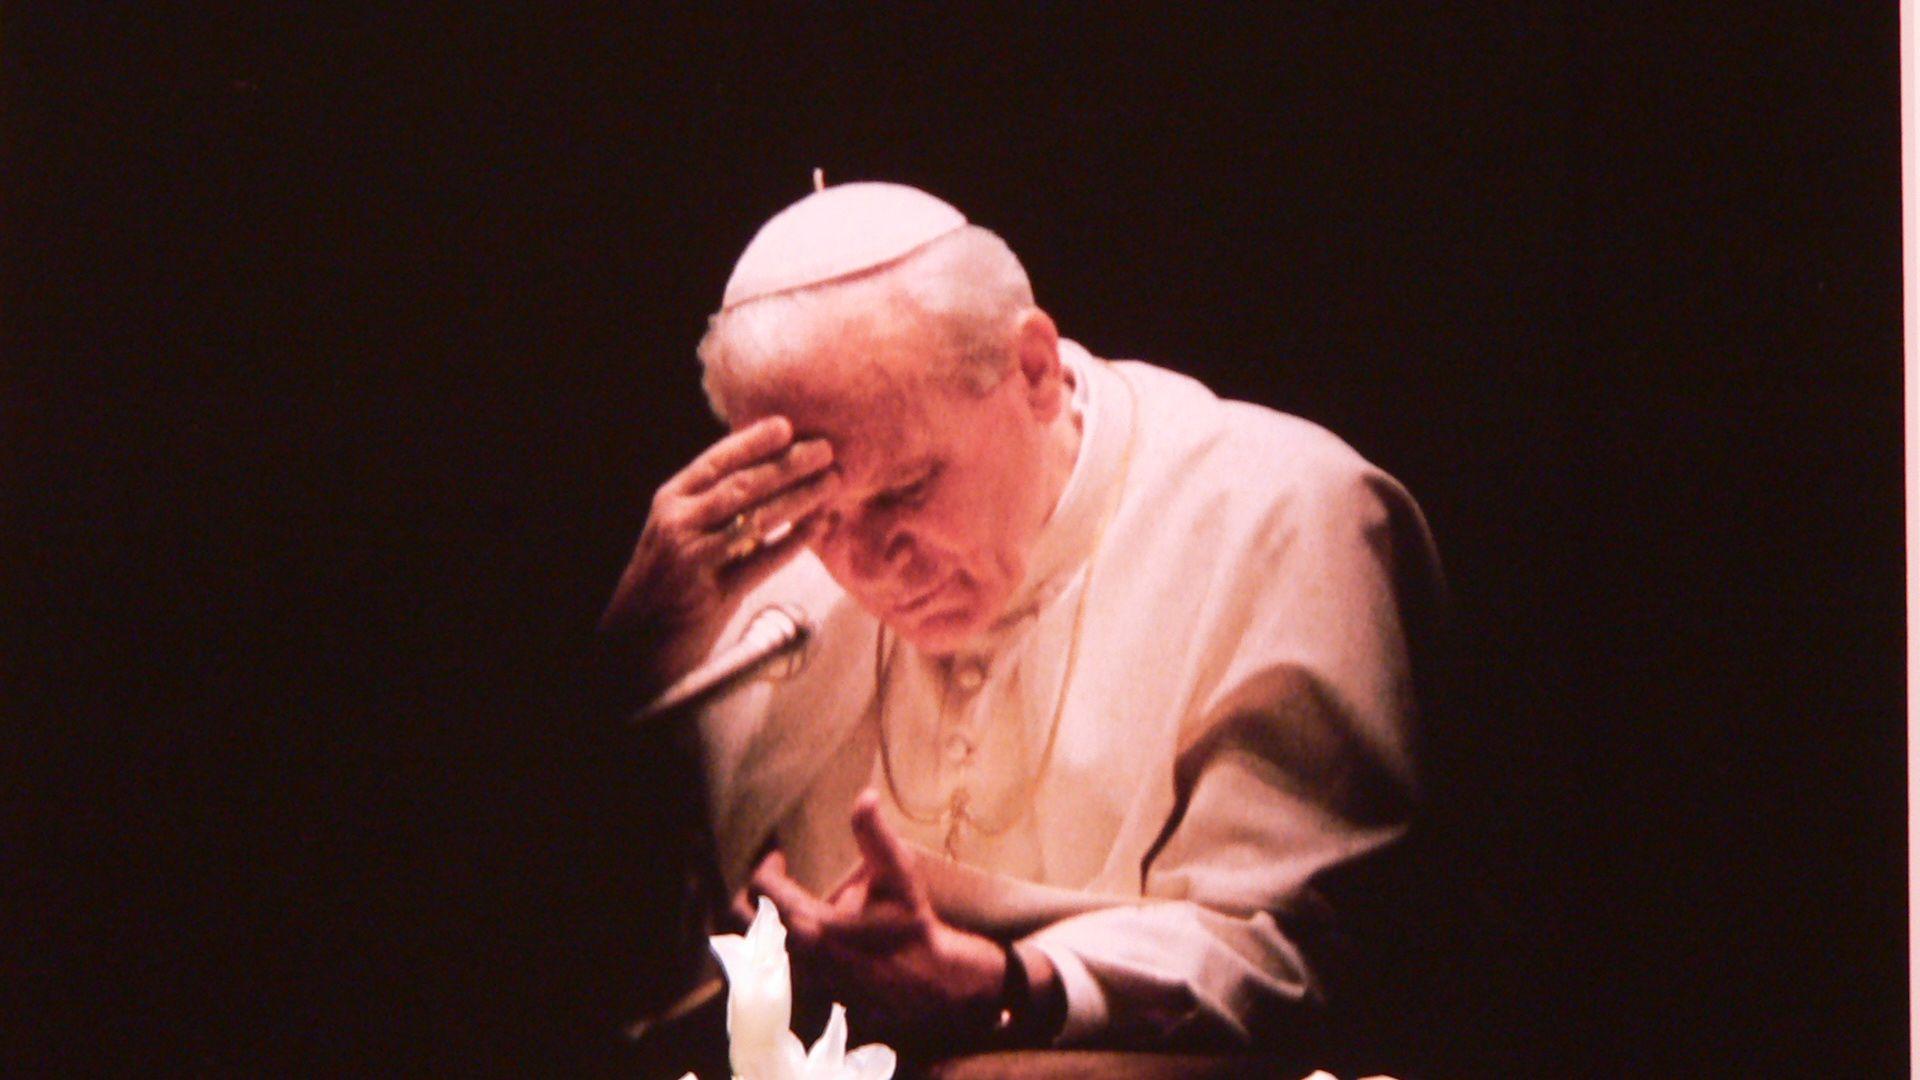 Święty Jan Paweł II oBożym Ojcostwie (wzruszające wideo)